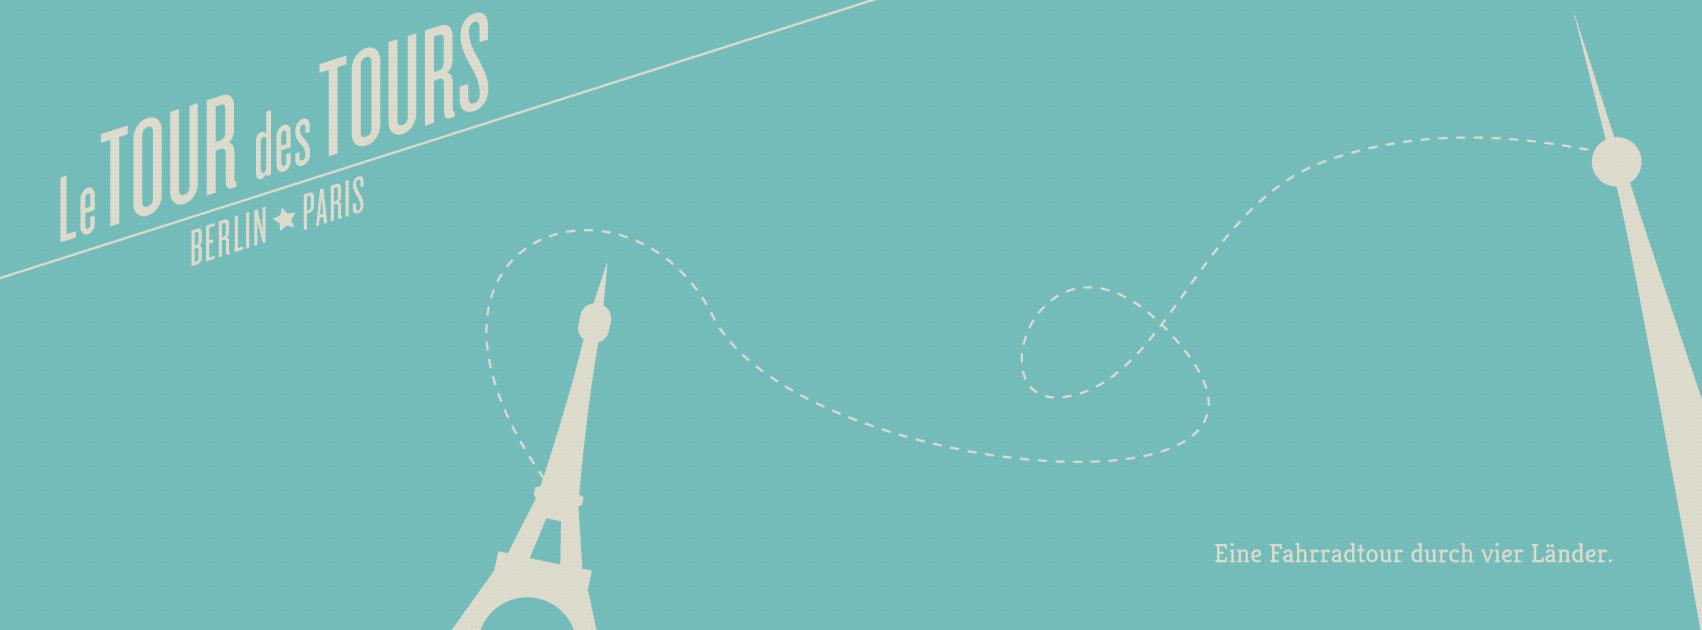 Le Tour des Tours – Mit dem Fahrrad von Berlin nach Paris (Route und App Empfehlungen)